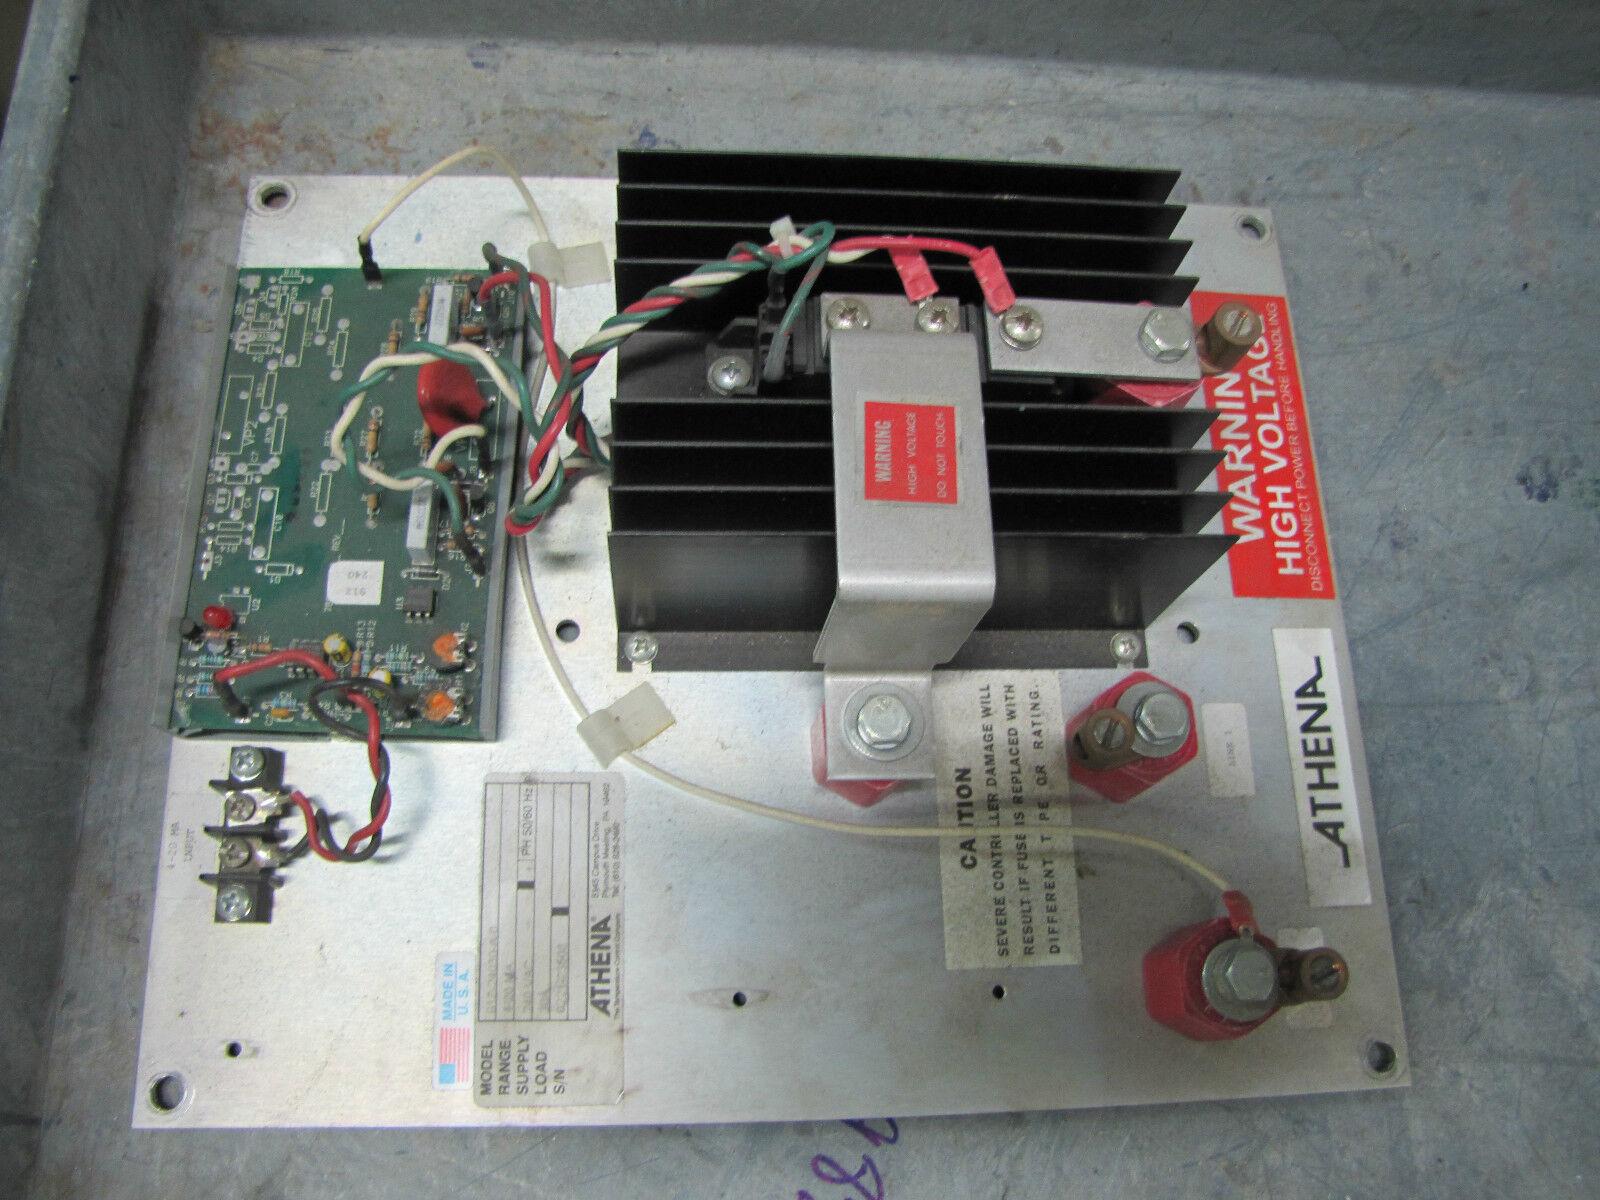 ATHENA TEMPERATURE CONTROL POWER CONTROL 917-24030-A-0 91Z-24030-A-0 30A 1PH